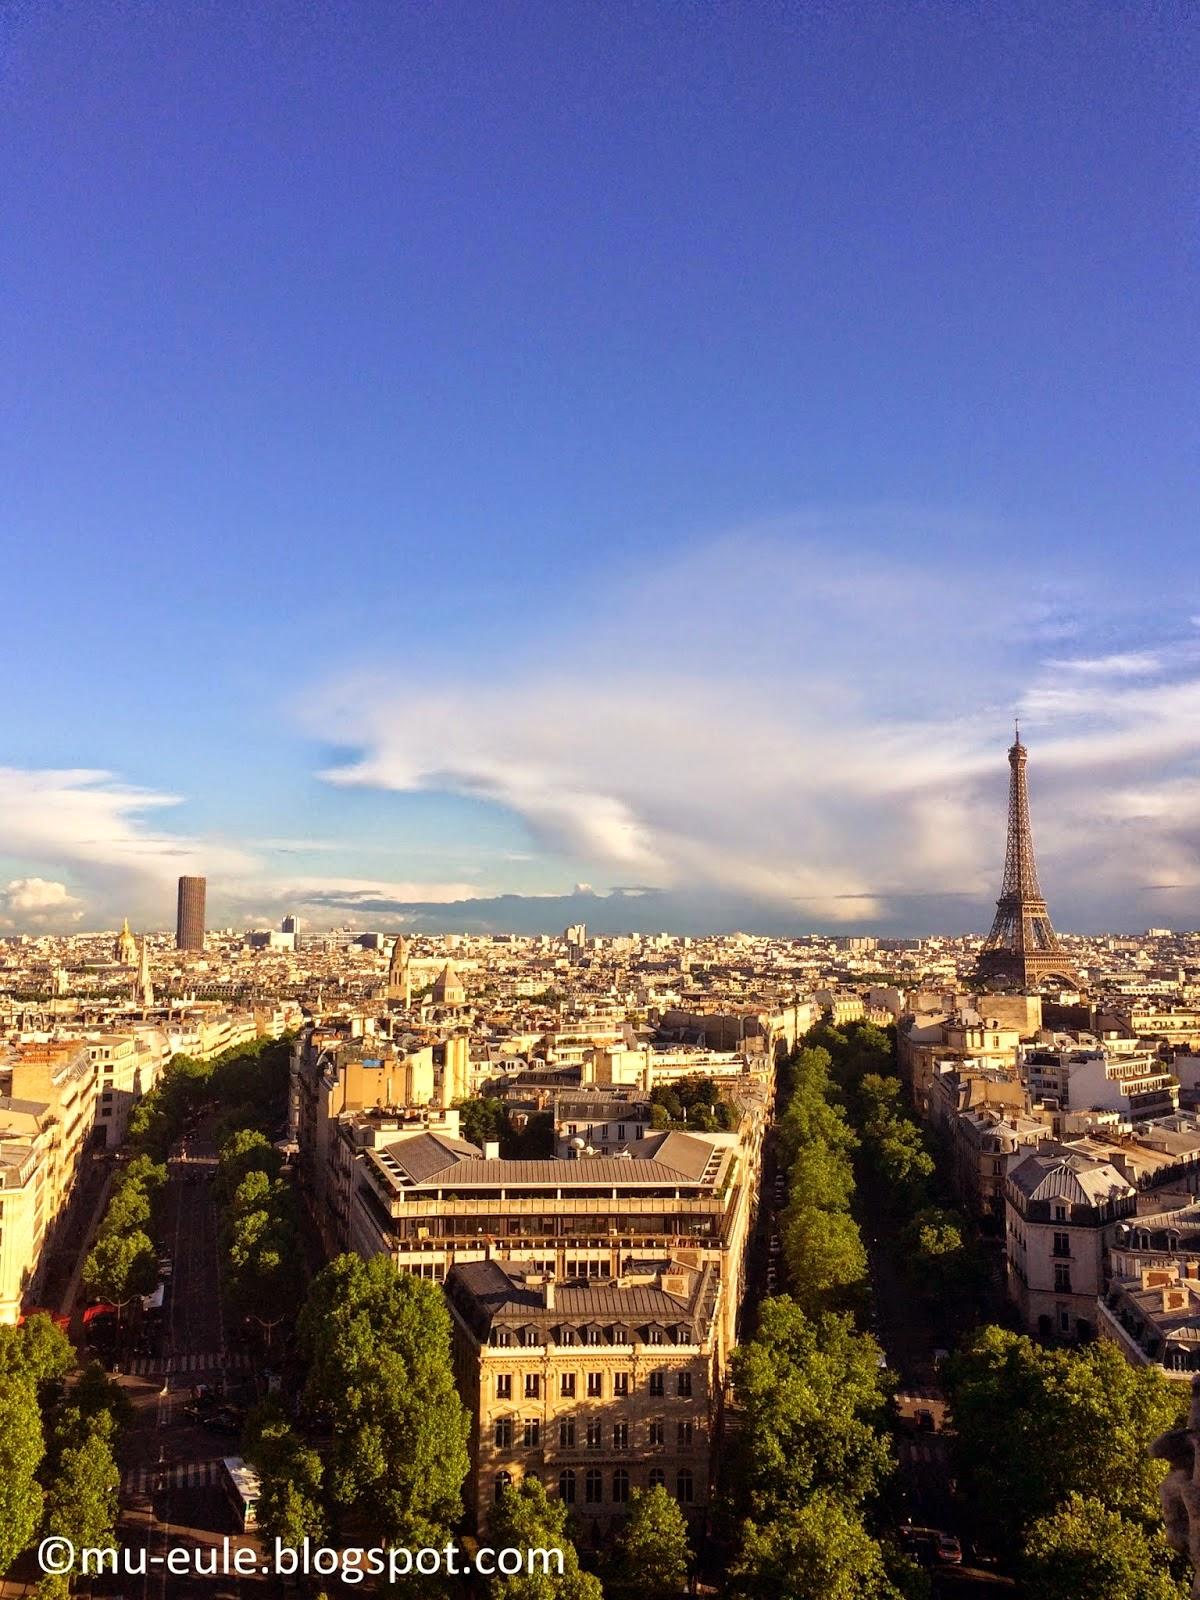 http://mu-eule.blogspot.de/2014/05/paris-reiseimpressionen-und-meine.html